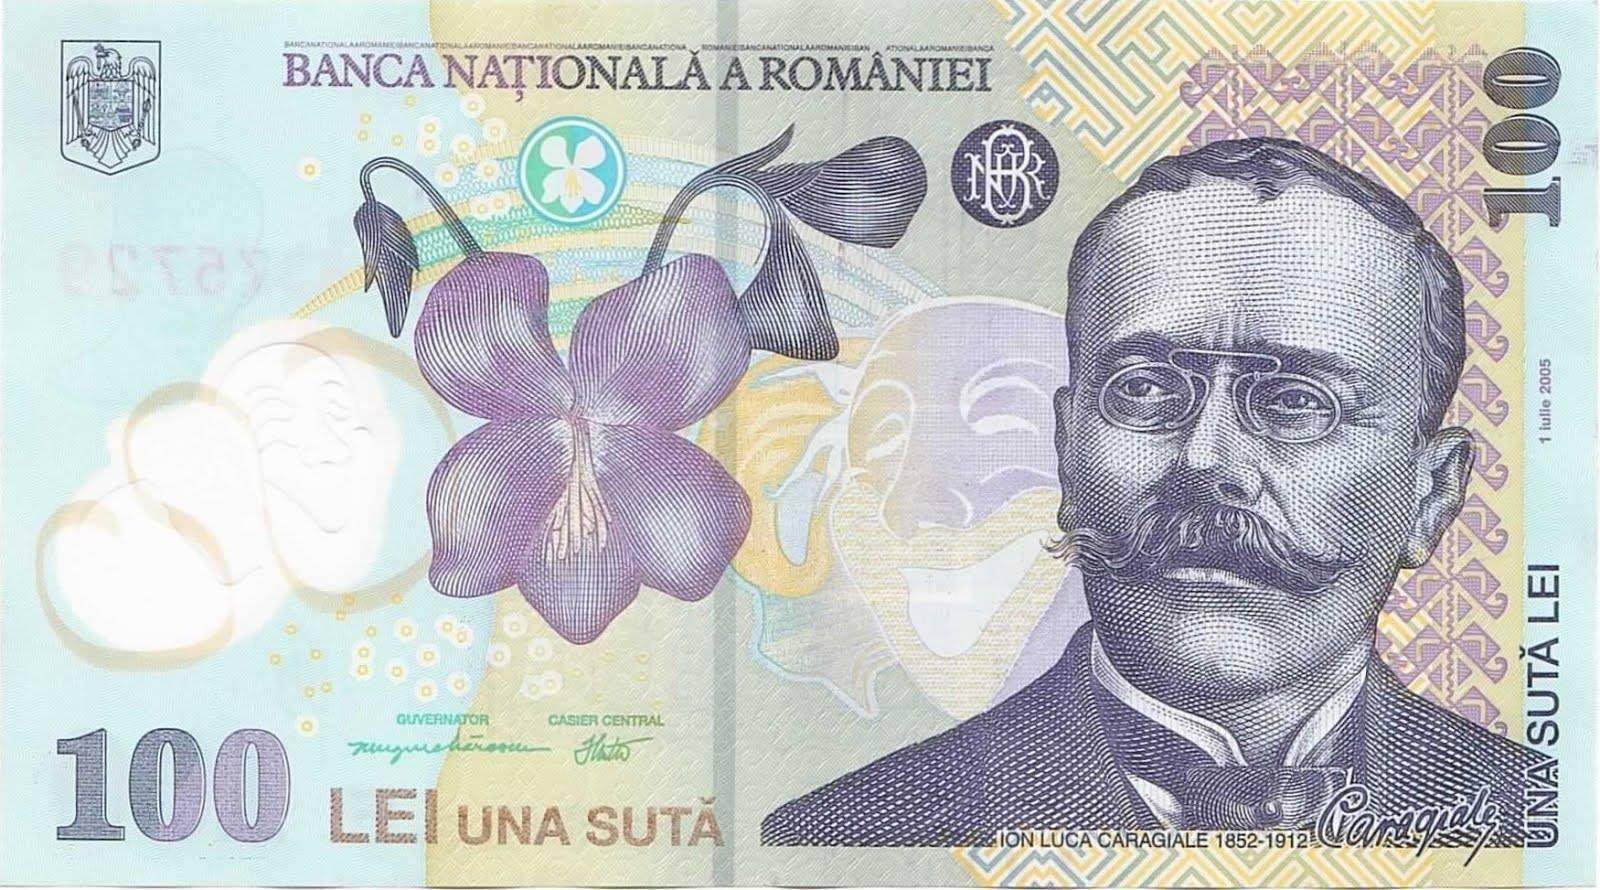 BNR a lansat monede de 100 de lei, dedicat împlinirii a 100 de ani de la Marea Unire. Cum arată